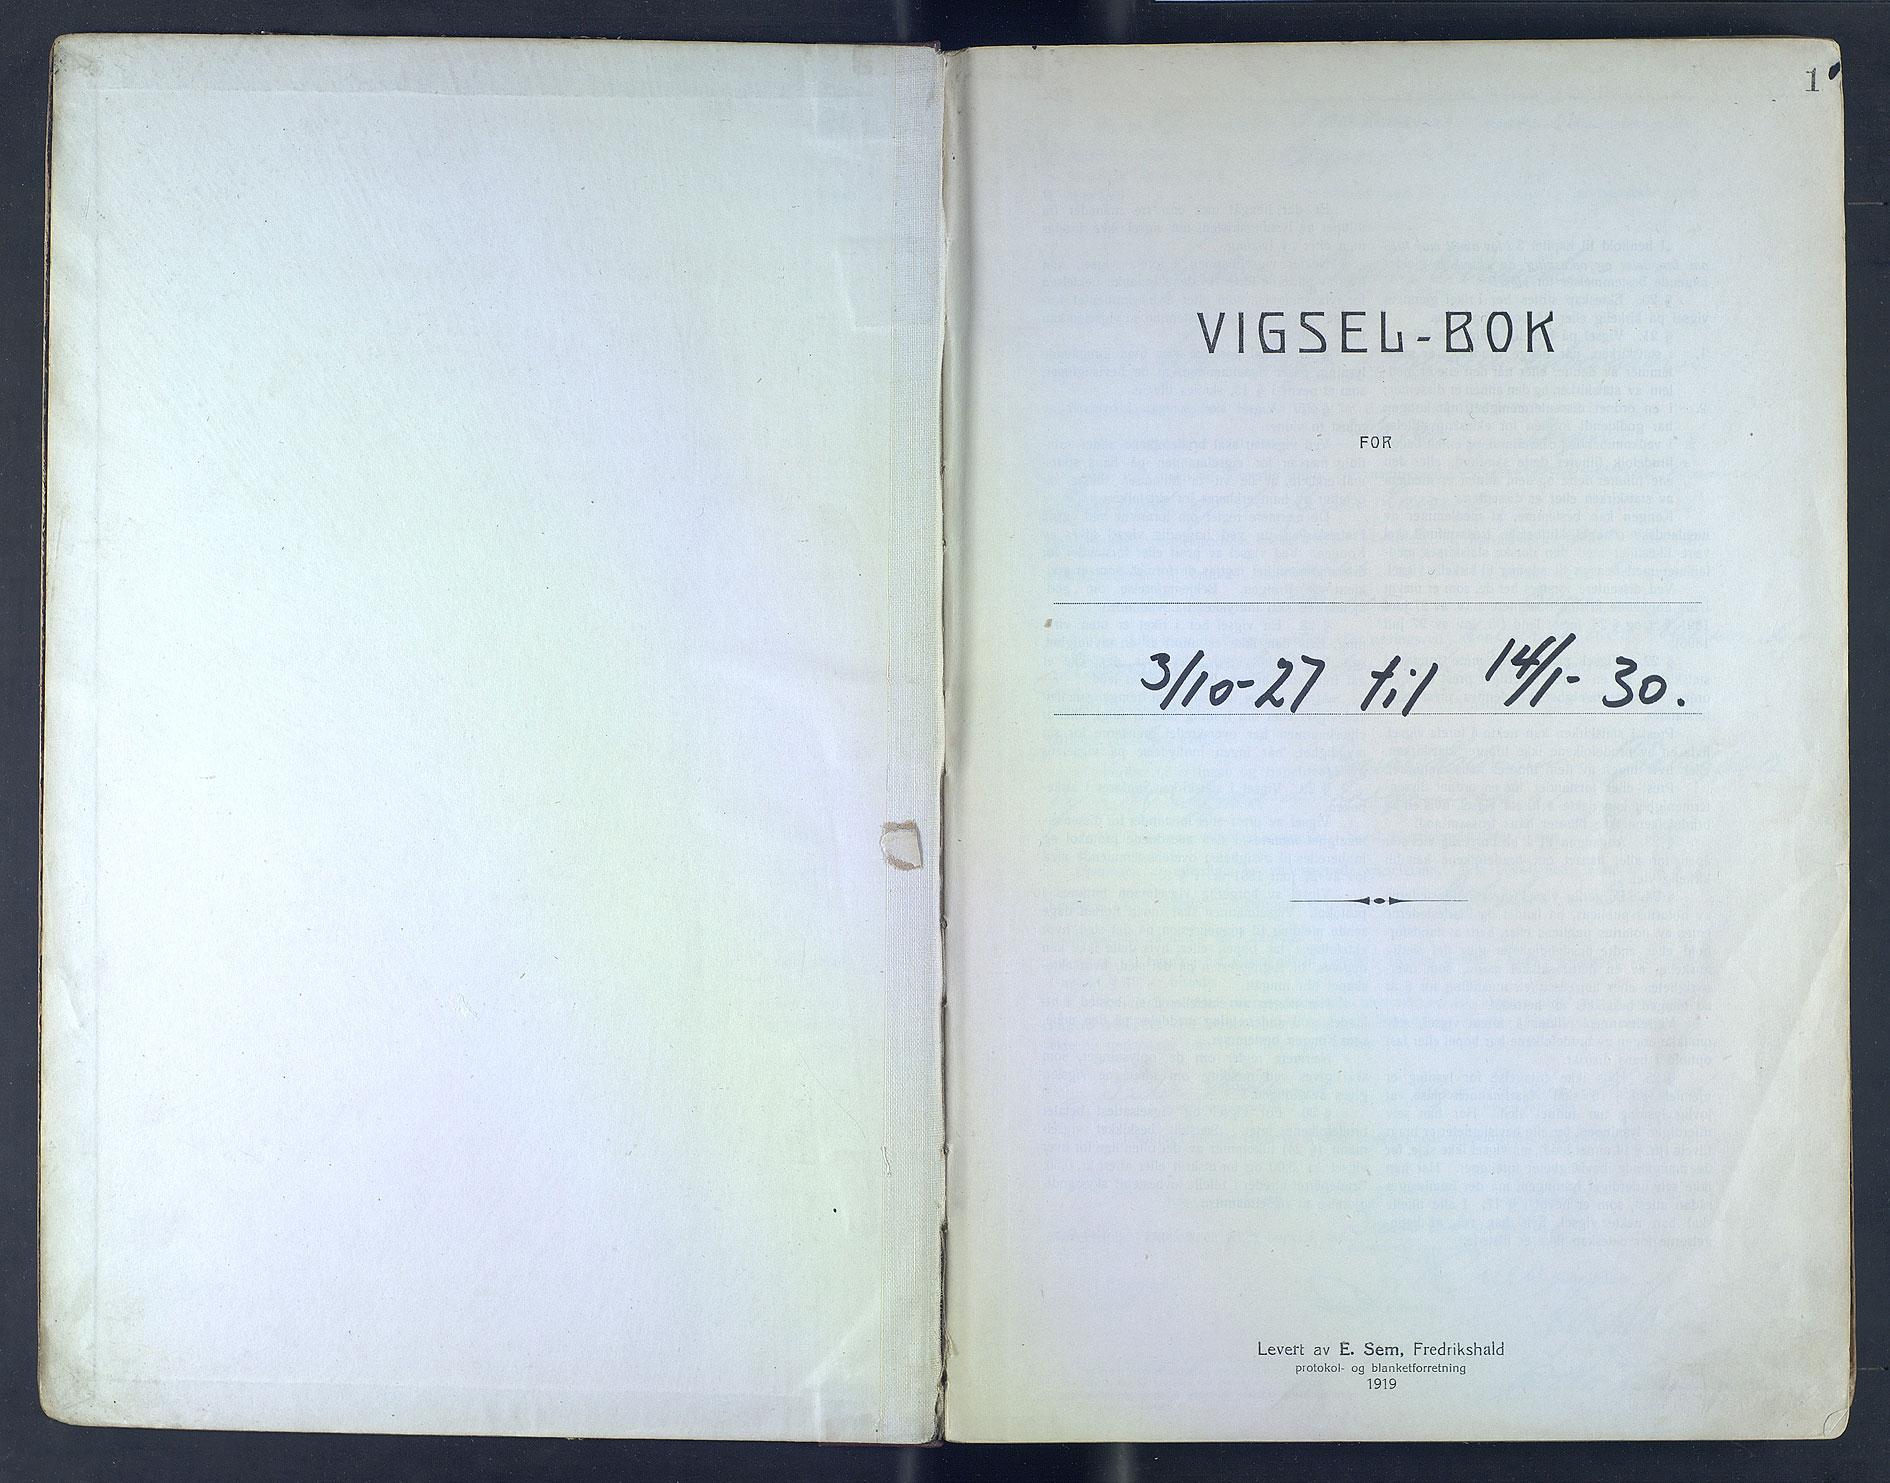 SAB, Bergen byfogd og byskriver*, 1927-1930, s. 1a